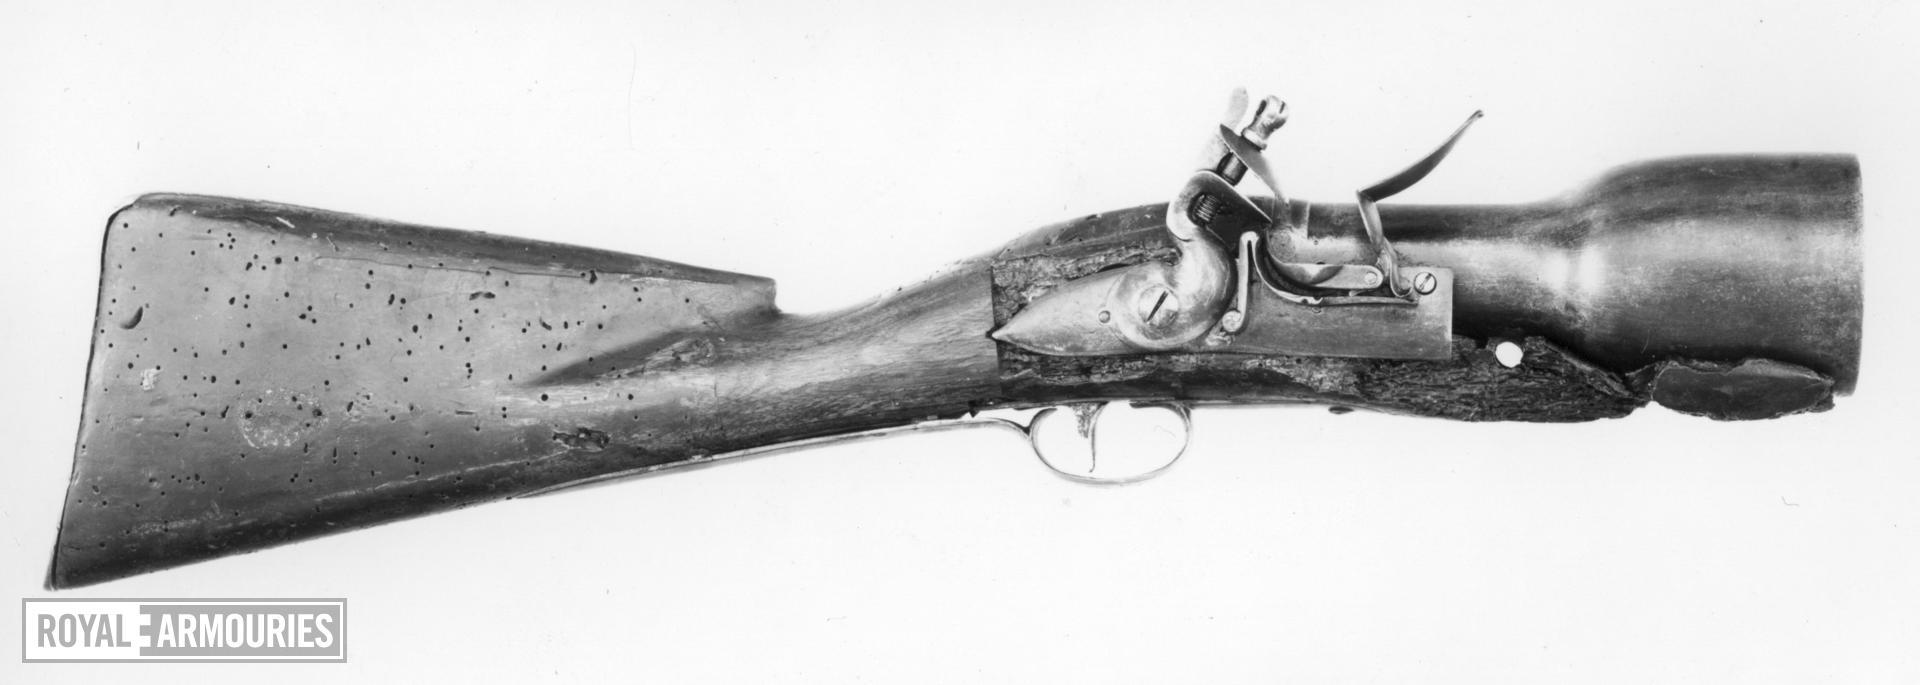 Flintlock military grenade discharger - Unknown